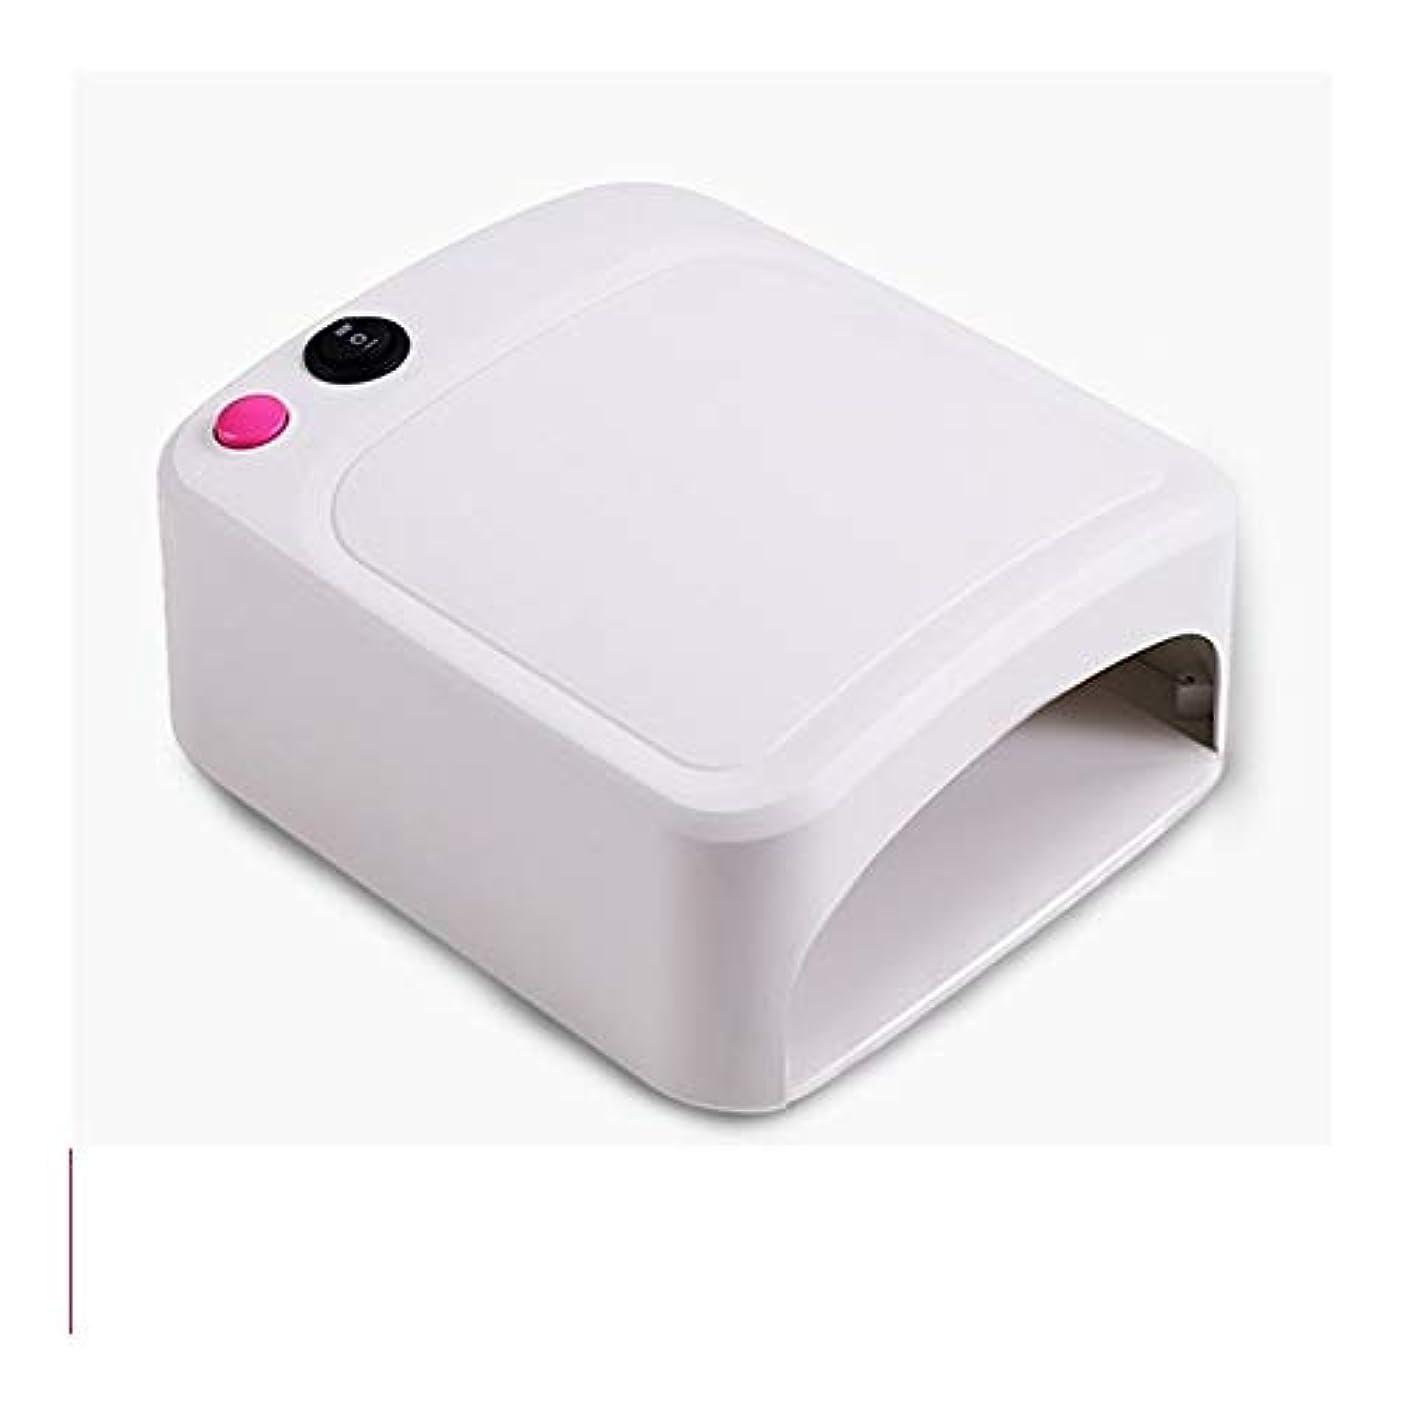 引き算グラフィック区画LittleCat ネイルネイル光線療法機UVランプ36W UVライトローストネイルドライヤー (色 : Pink euro circle)